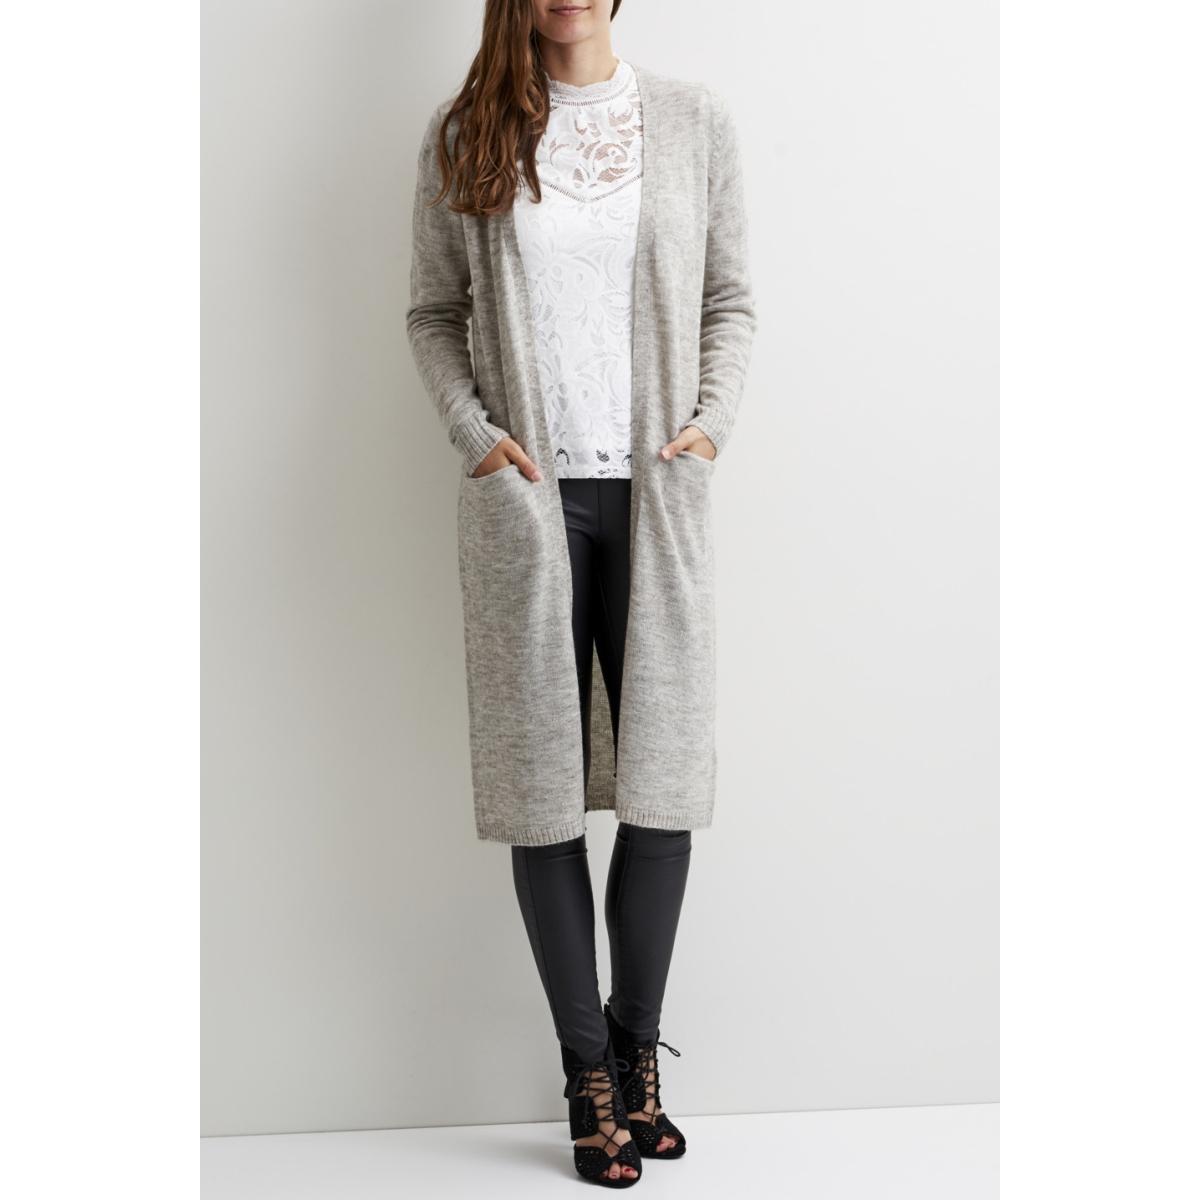 viriva l/s long knit cardigan-noos 14044324 vila vest light grey melange